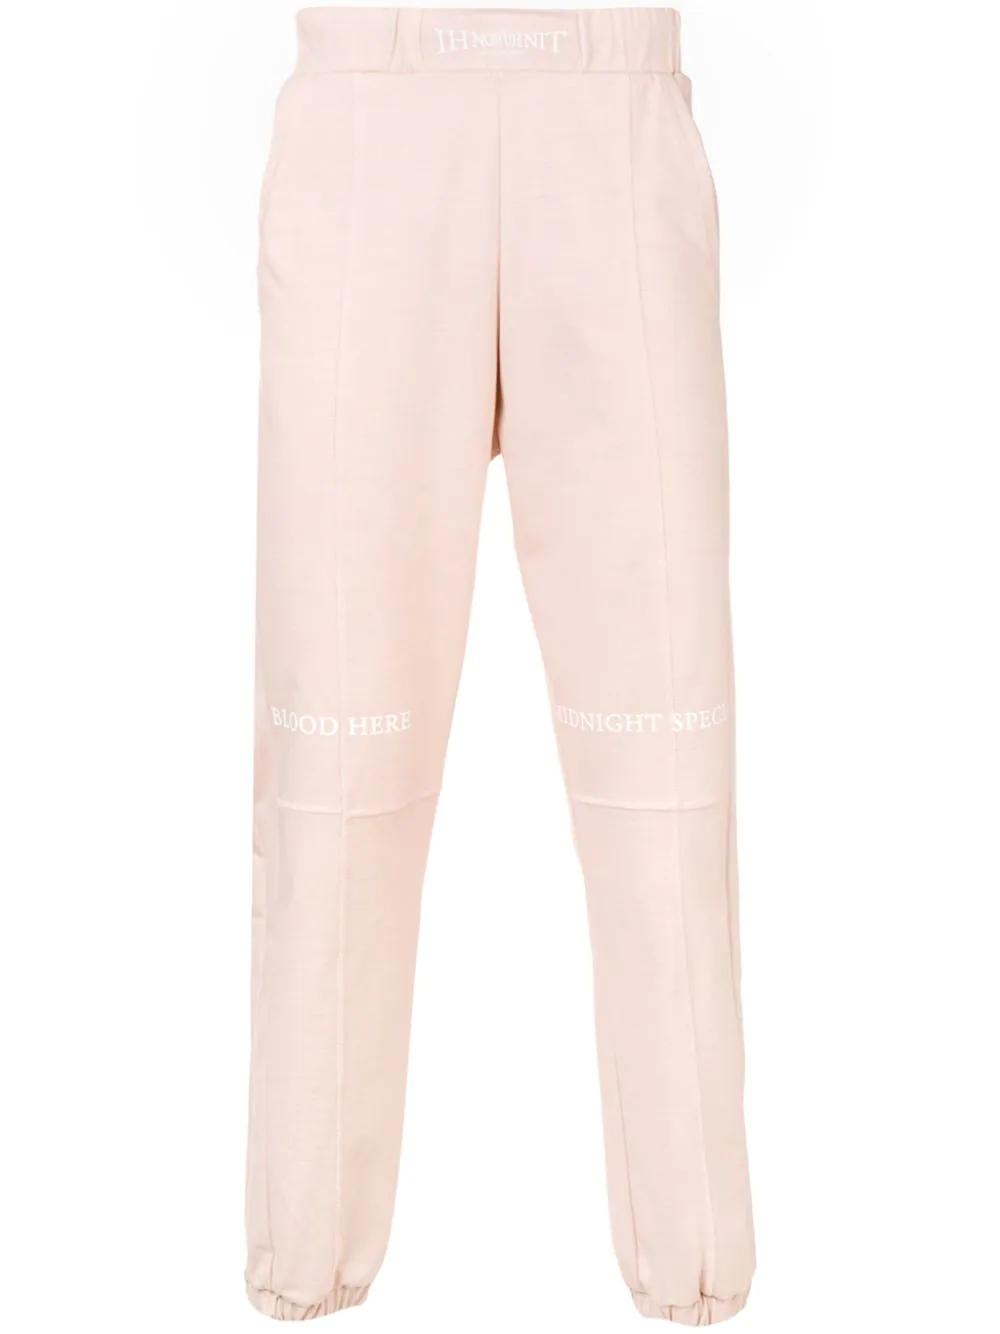 Ih Nom Uh Nit | Ih Nom Uh Nit классические трикотажные брюки | Clouty